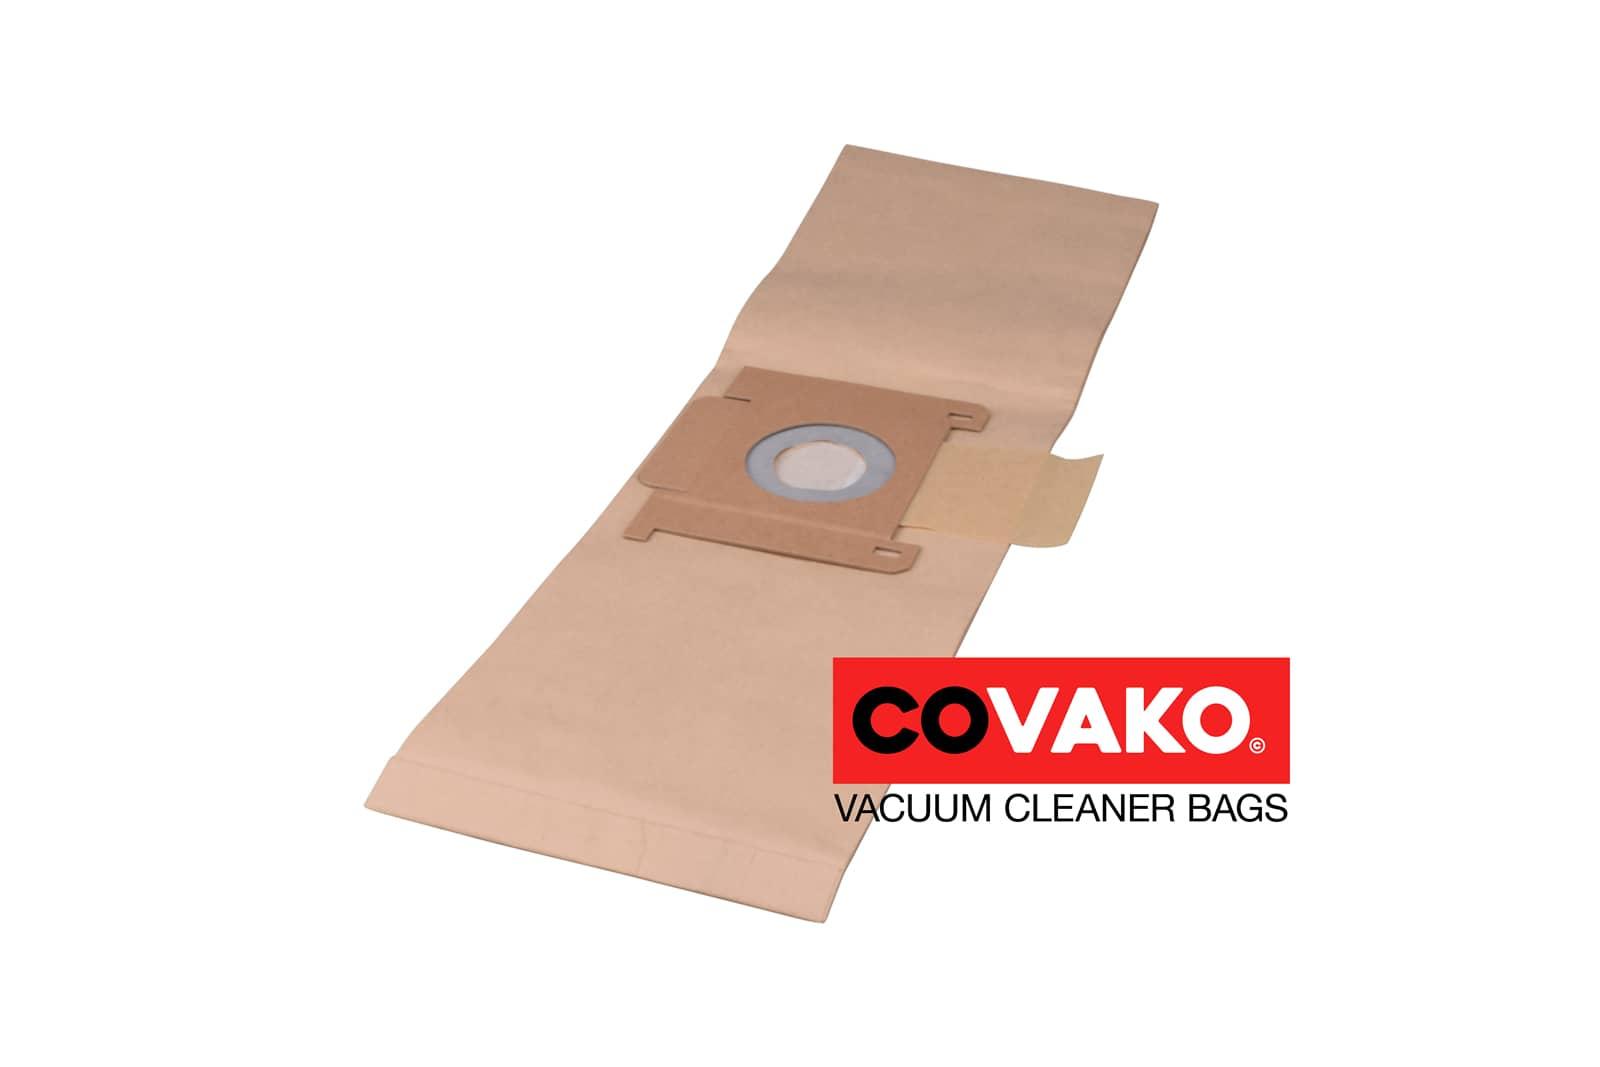 Clean a la Card C 5 / Papier - Clean a la Card sacs d'aspirateur